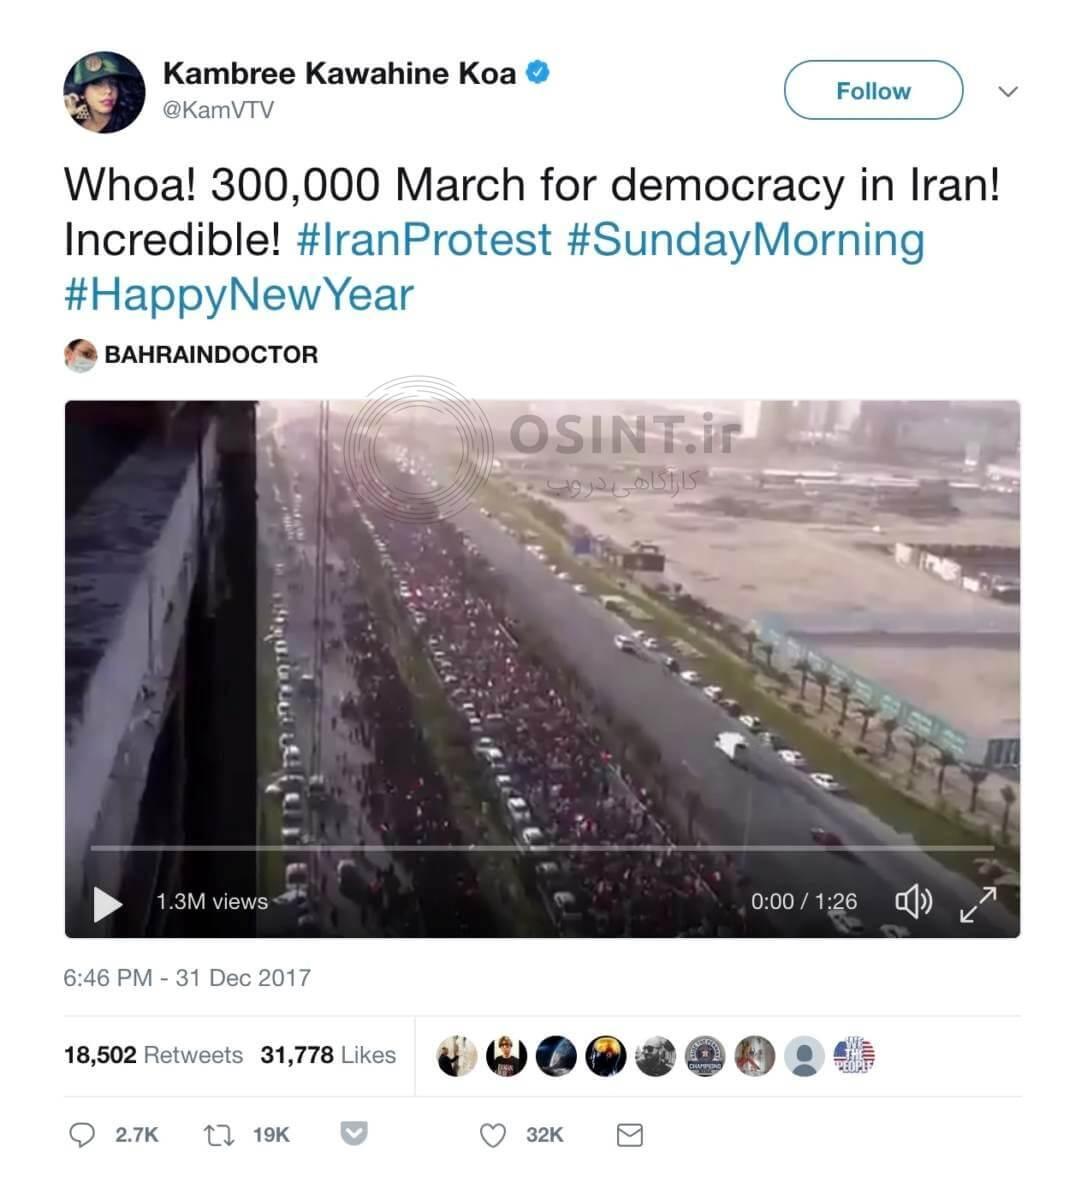 توییت جعلی درباره اعتراضات ایران